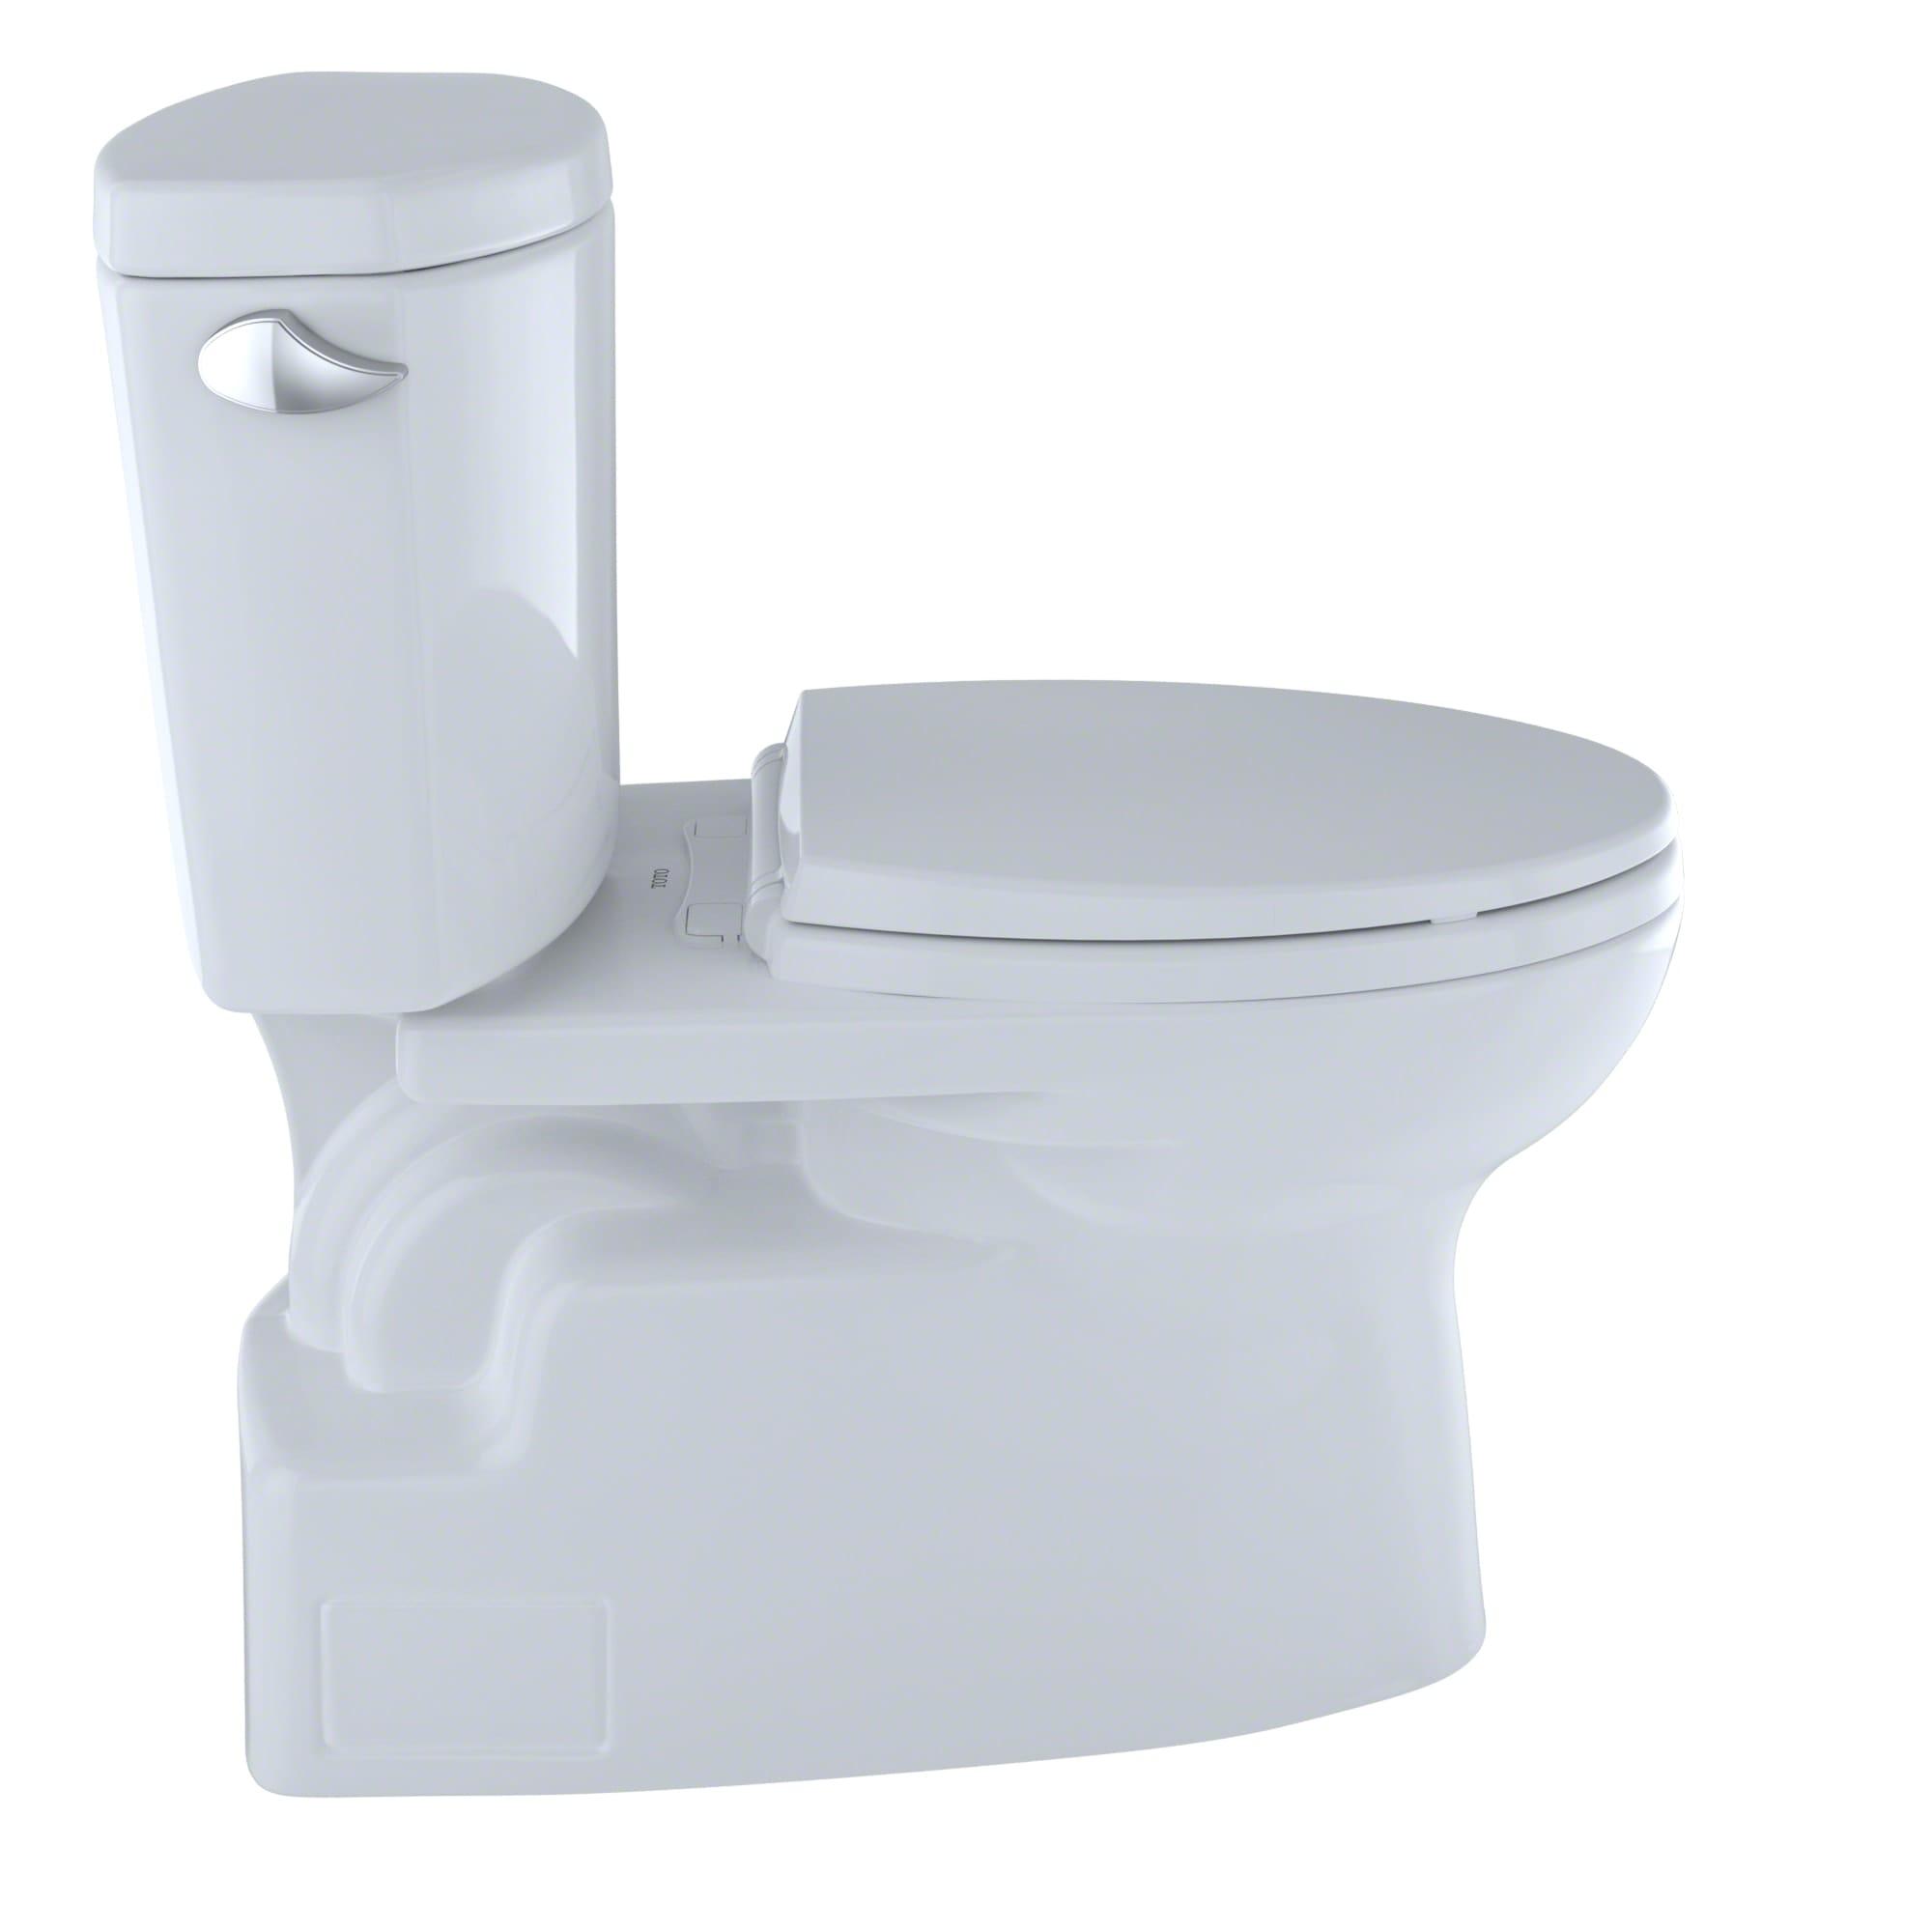 Outstanding Who Makes Toto Toilets Motif - Bathtub Ideas - dilata.info